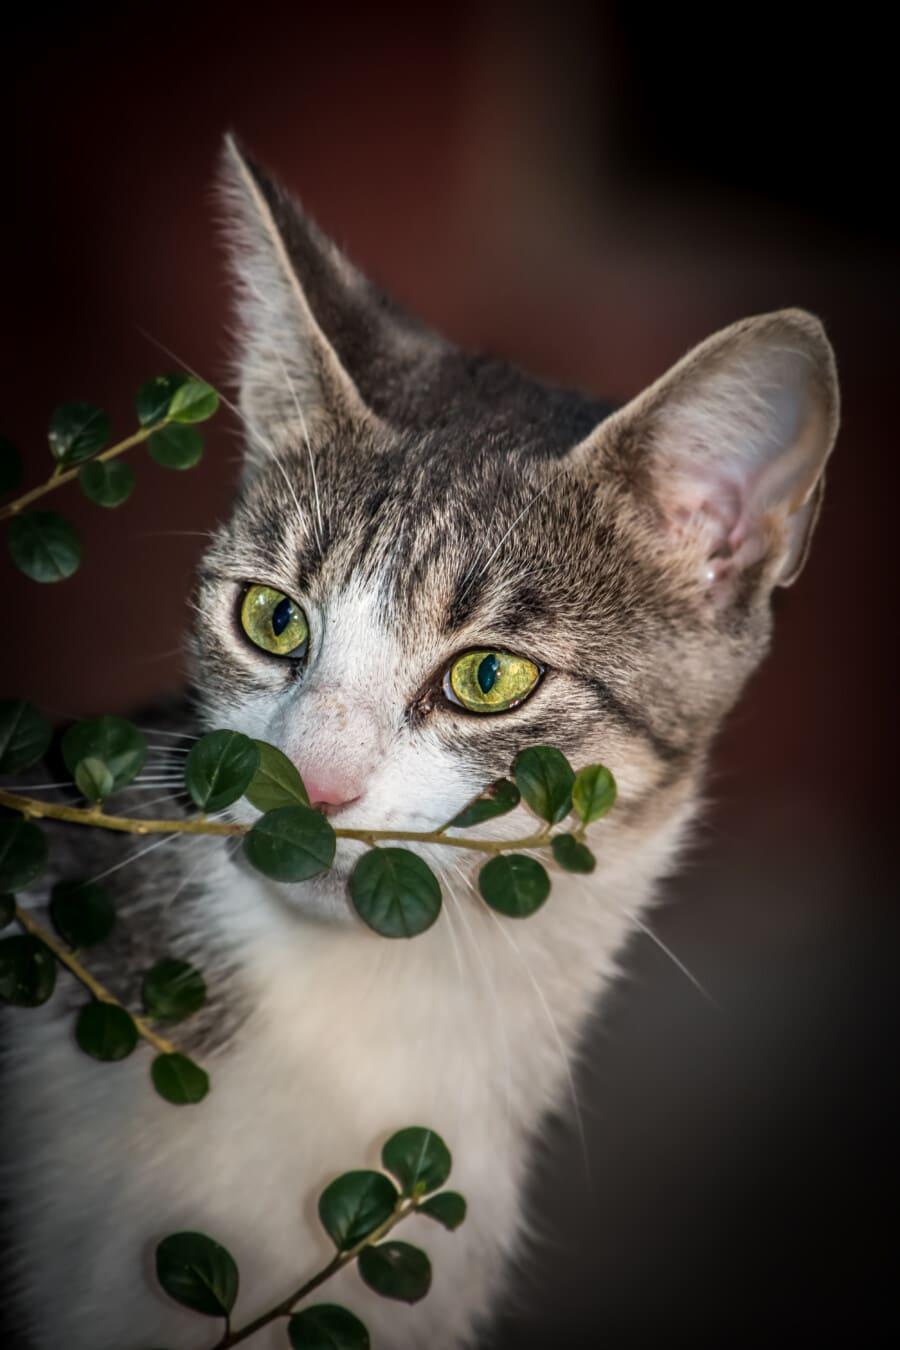 groenachtig geel, ogen, katje, op zoek, nieuwsgierigheid, huisdier, dier, binnenlandse, katachtig, binnenlandse kat